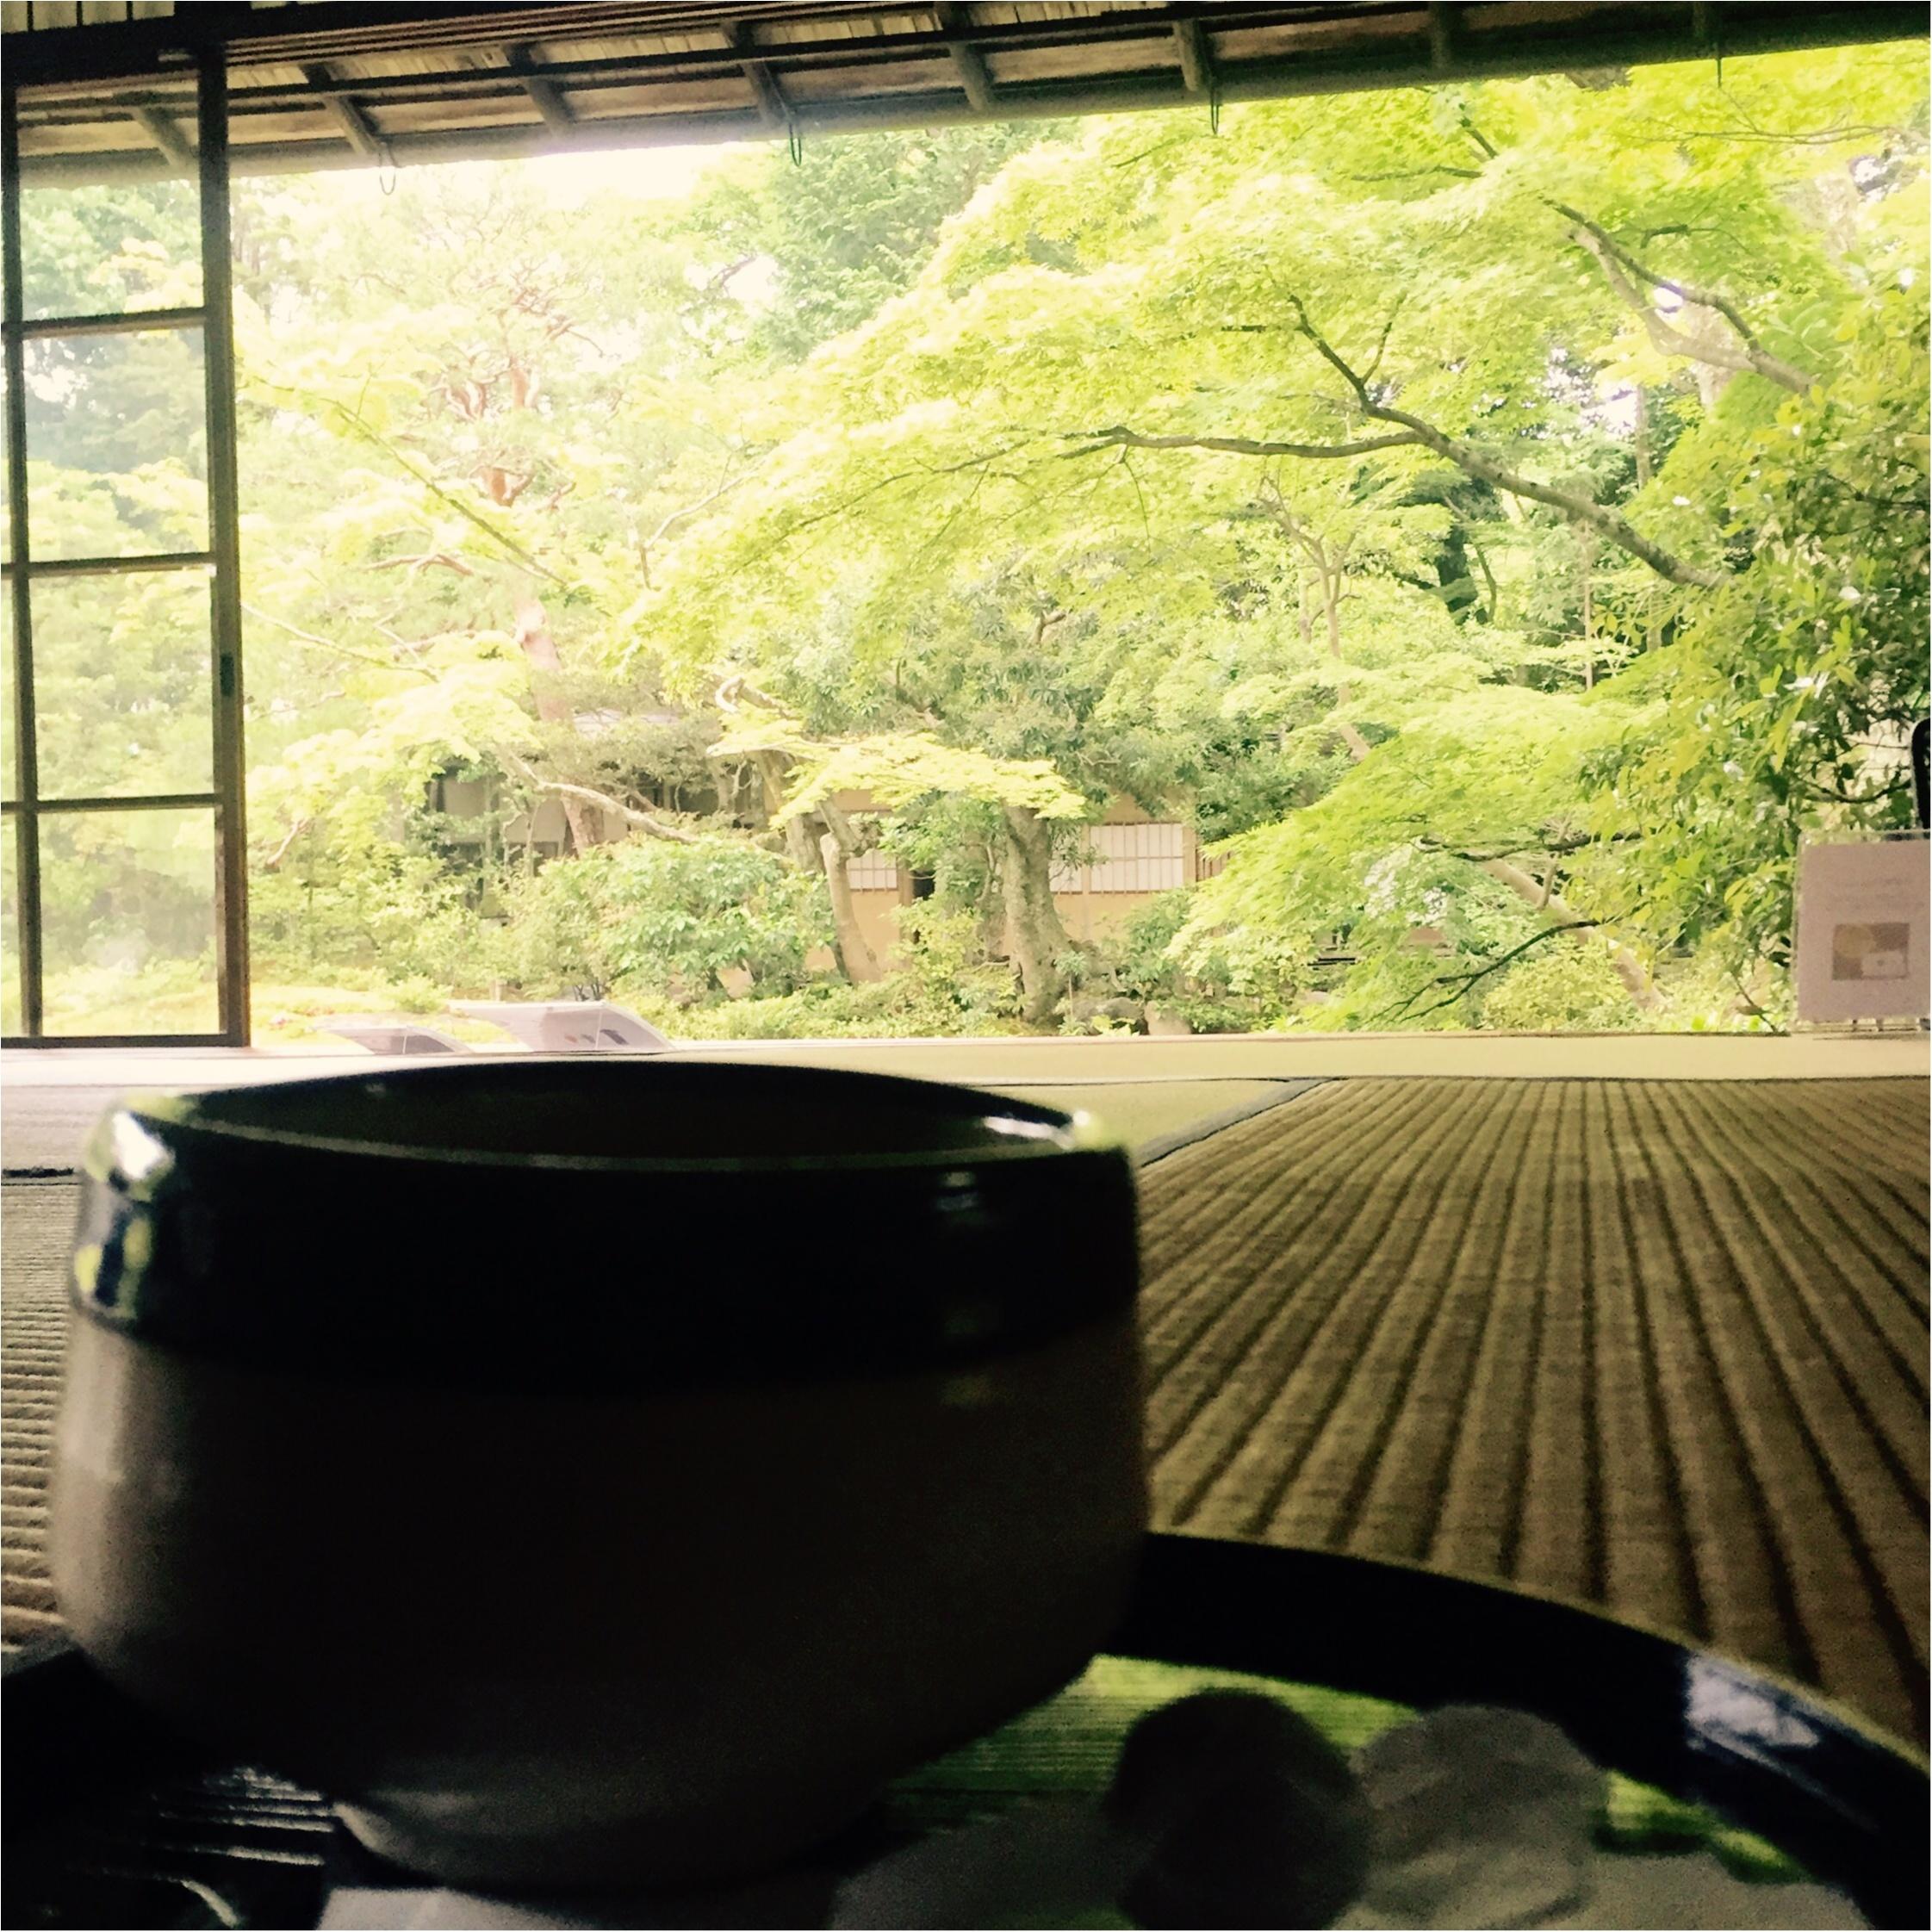 【京都】無鄰菴で新緑を眺めながら抹茶を飲みませんか?*_4